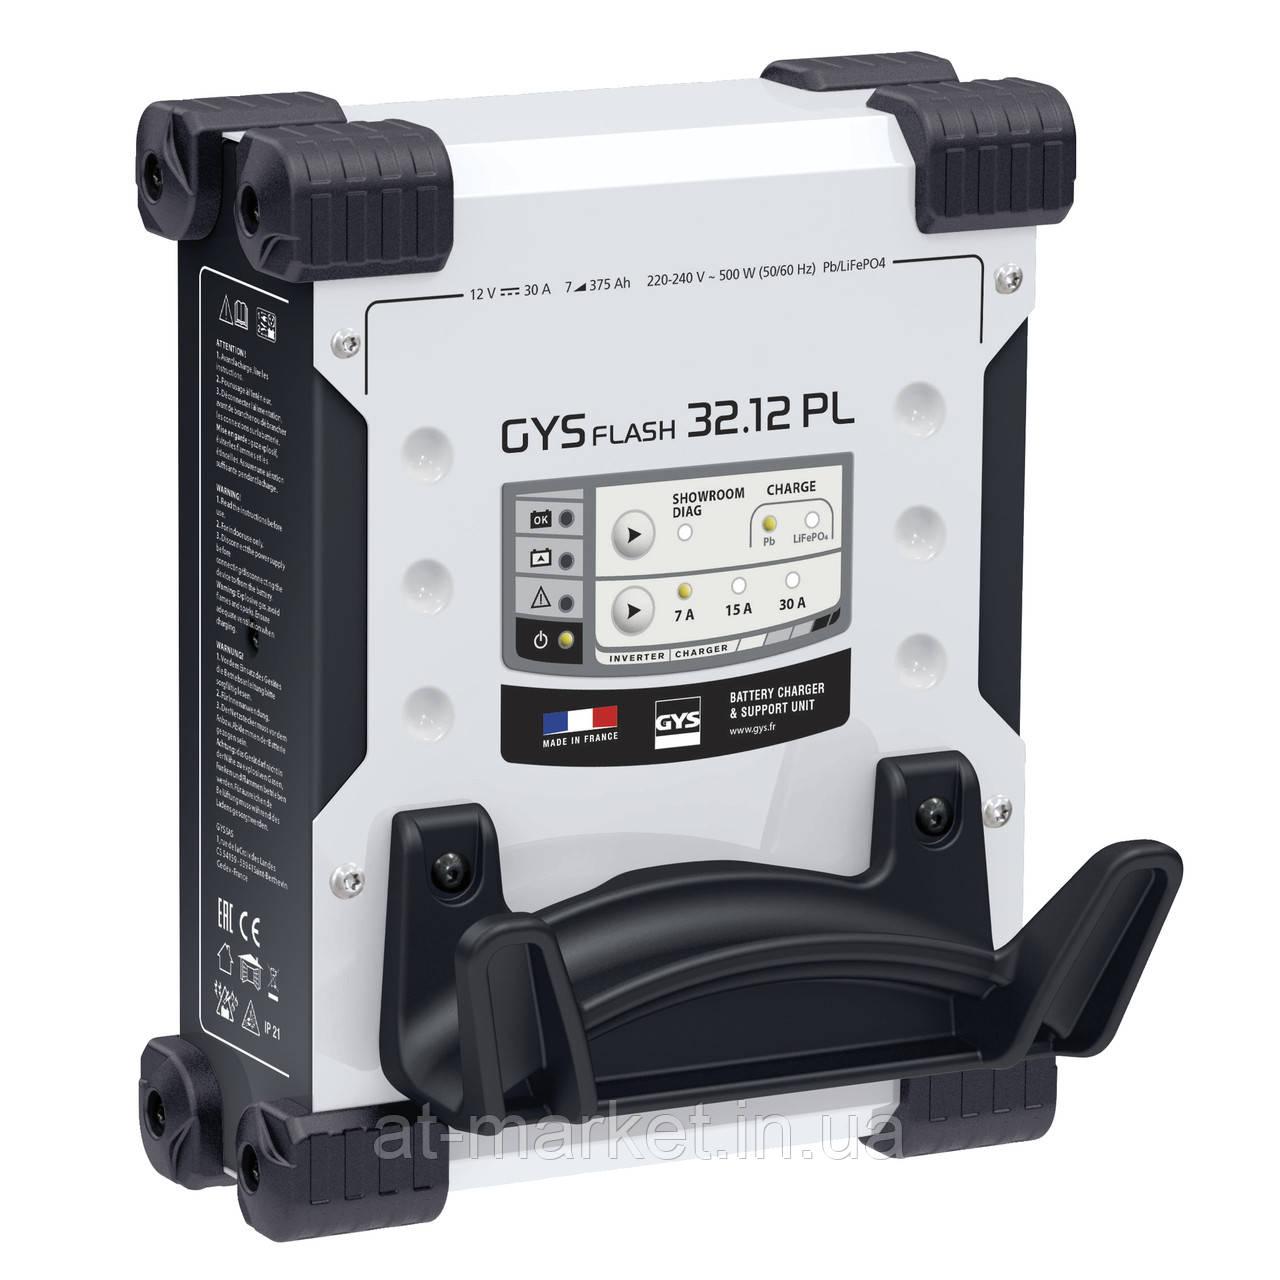 Зарядное устройство GYS GYSFLASH 32.12 PL